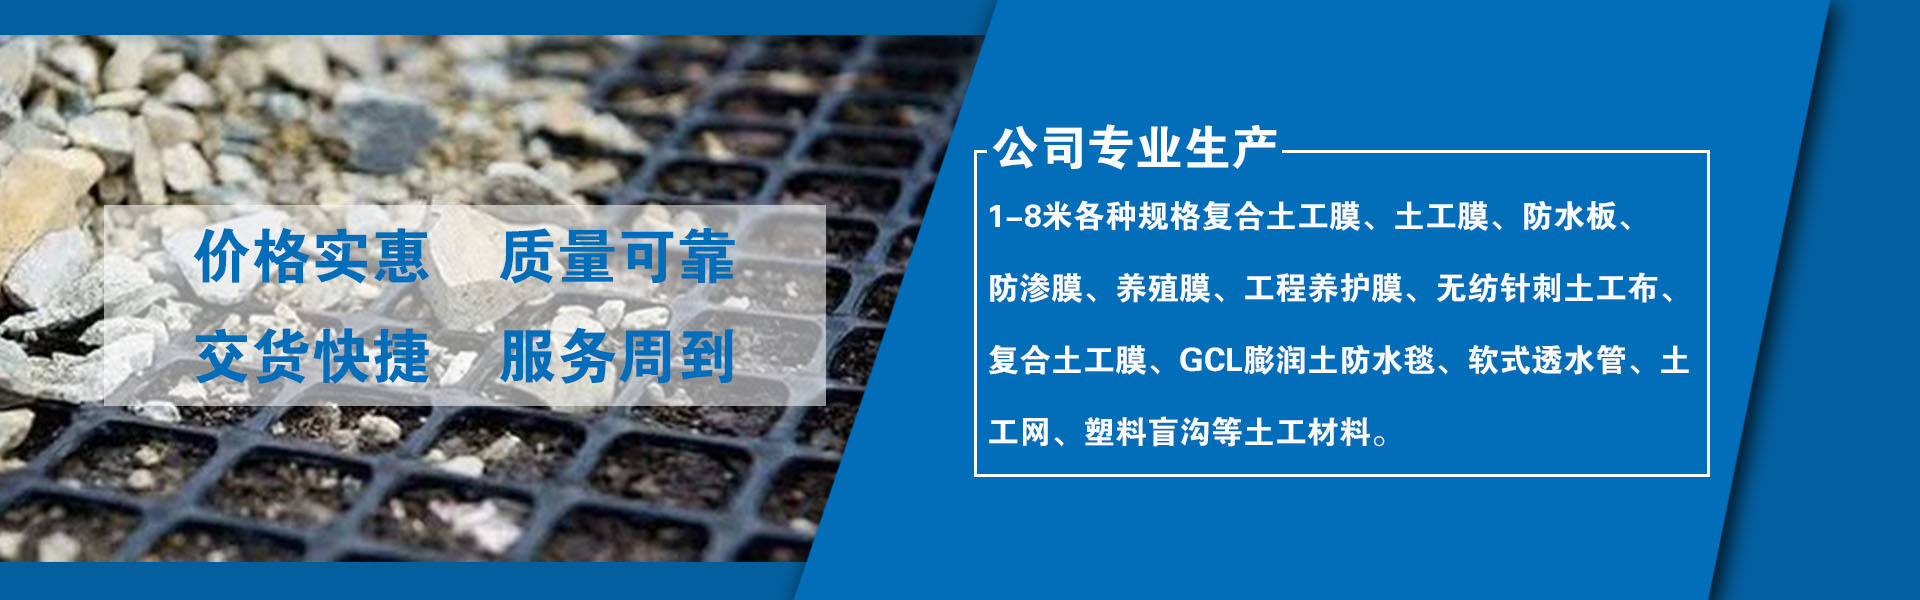 兰州土工布,甘肃土工膜厂家,青海土工格栅,西宁复合排水网,兰州HDPE土工膜,甘肃聚乙烯纤维